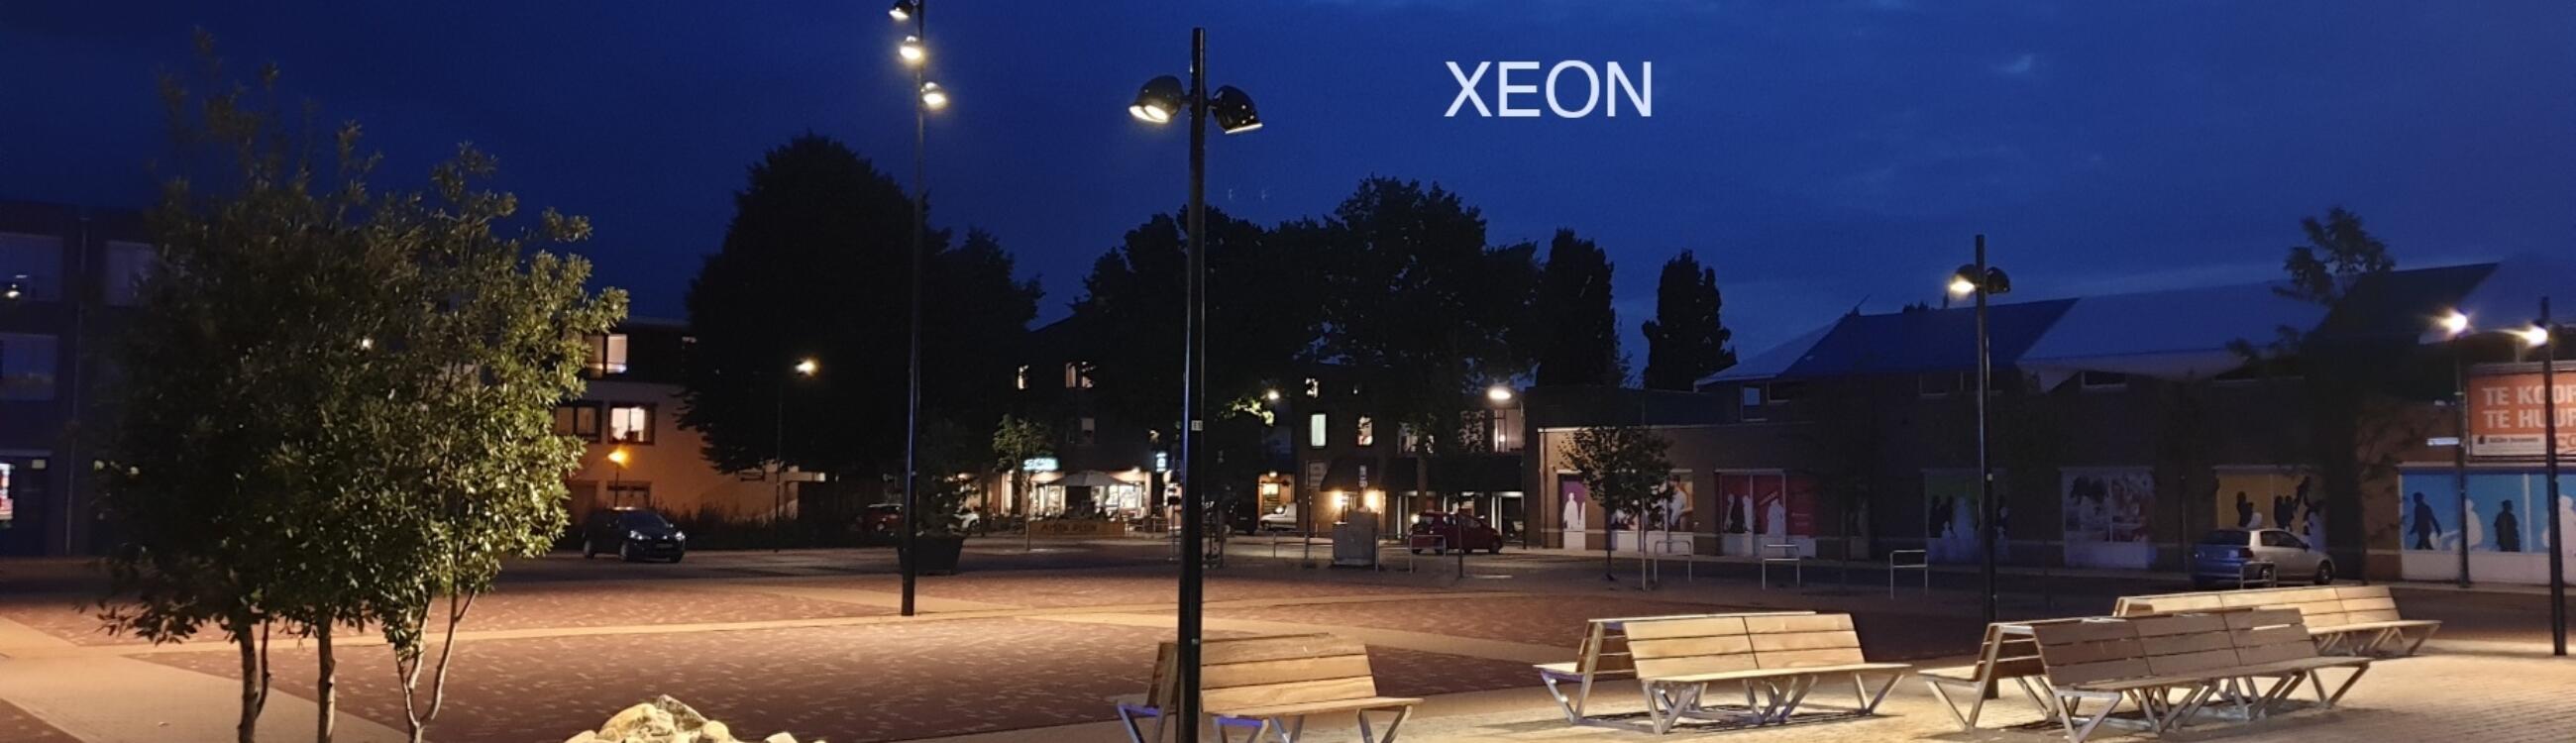 Xeon slider